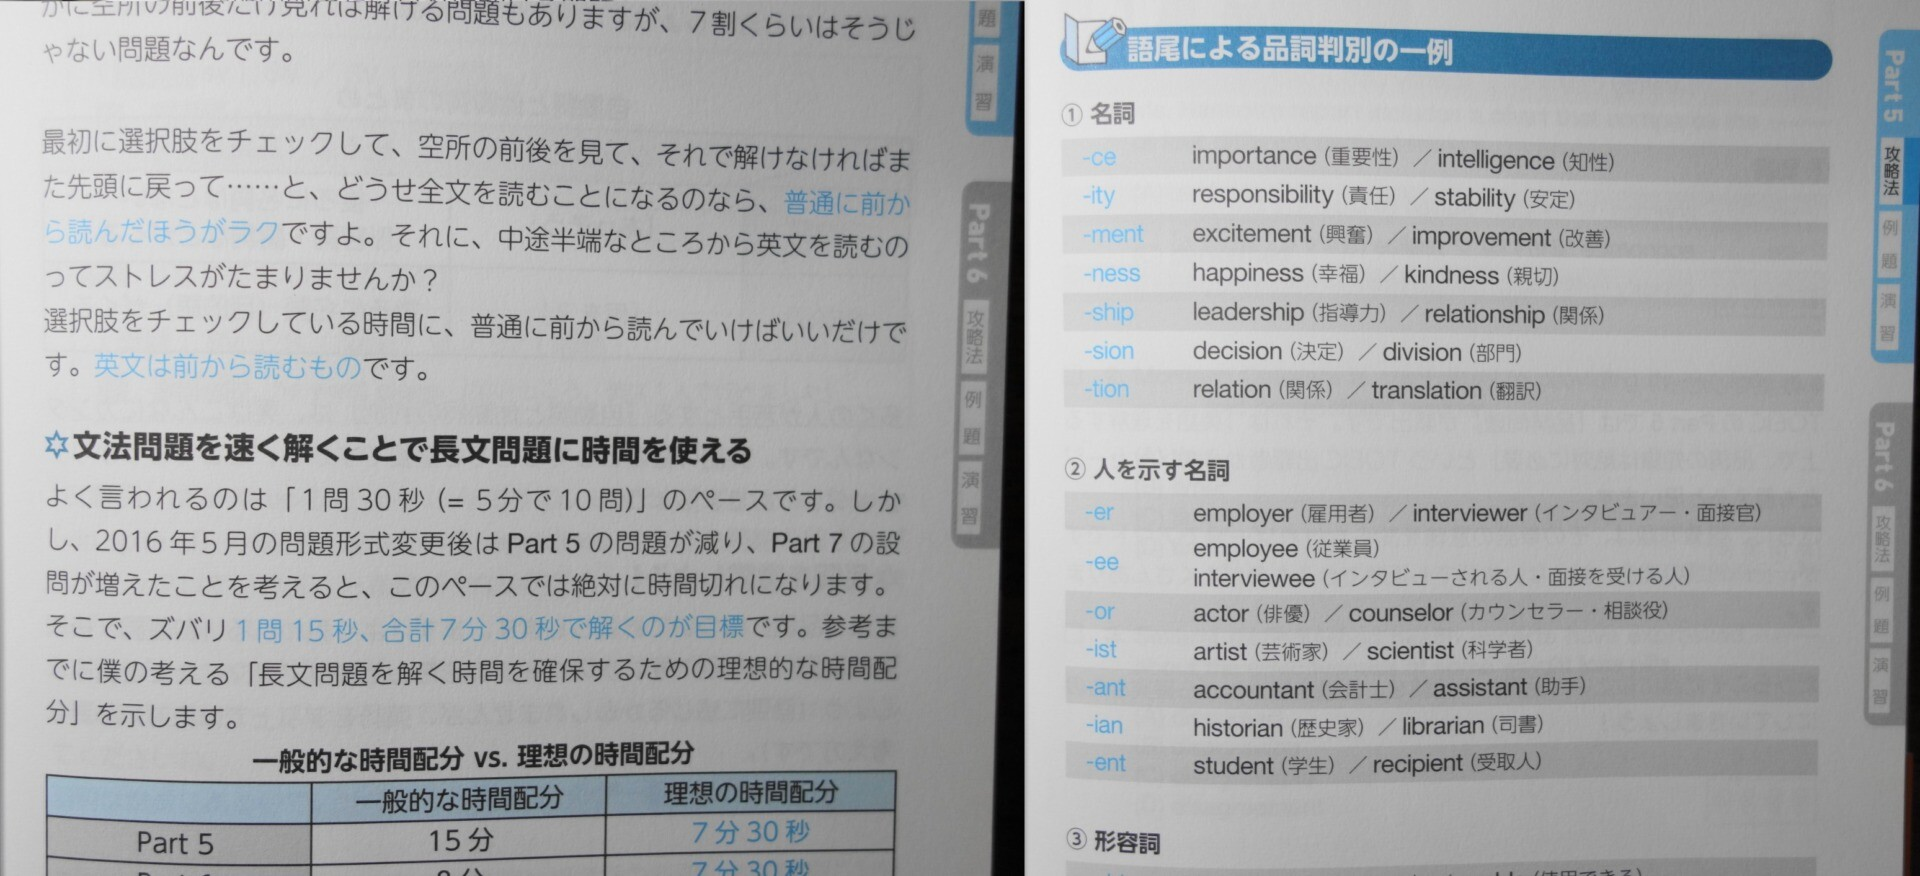 世界一わかりやすい文法に書かれたパート5の時間配分や語彙リスト